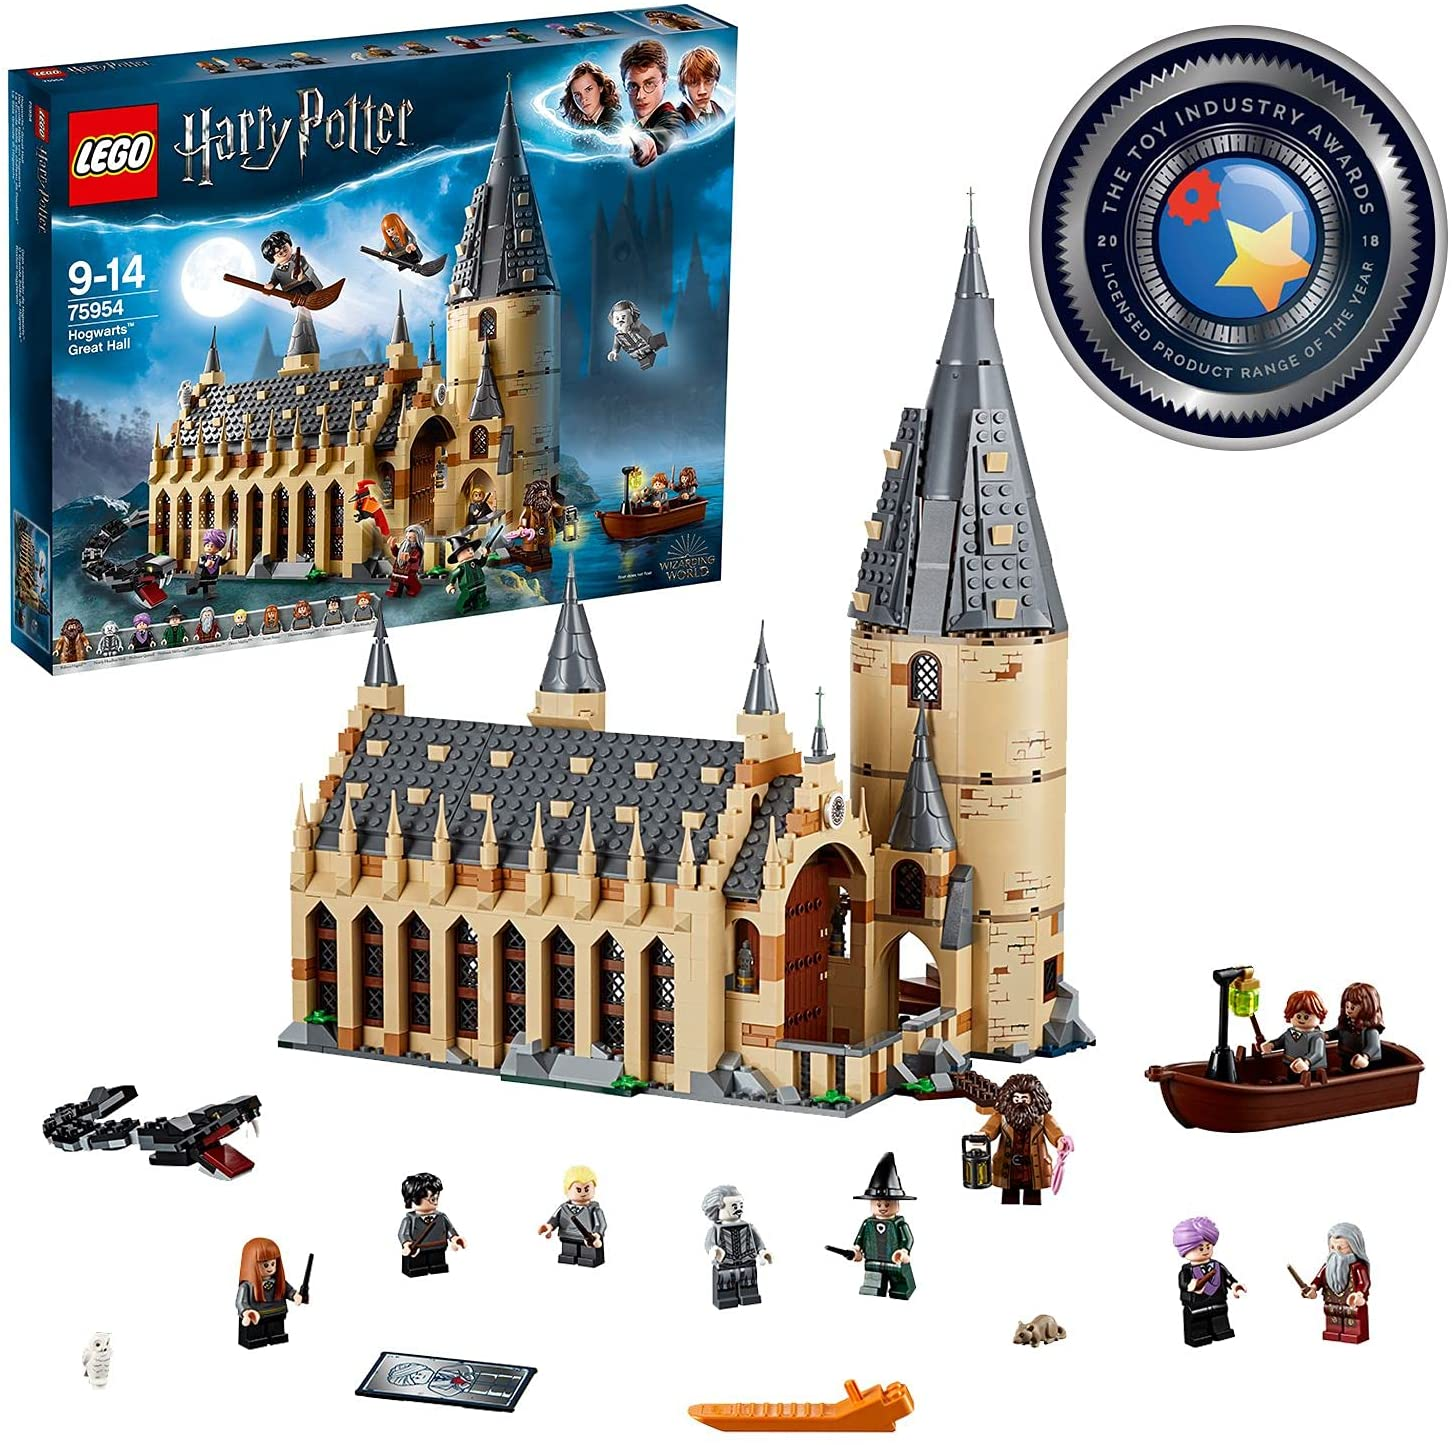 LEGO Harry Potter: Gran Comedor de Hogwarts